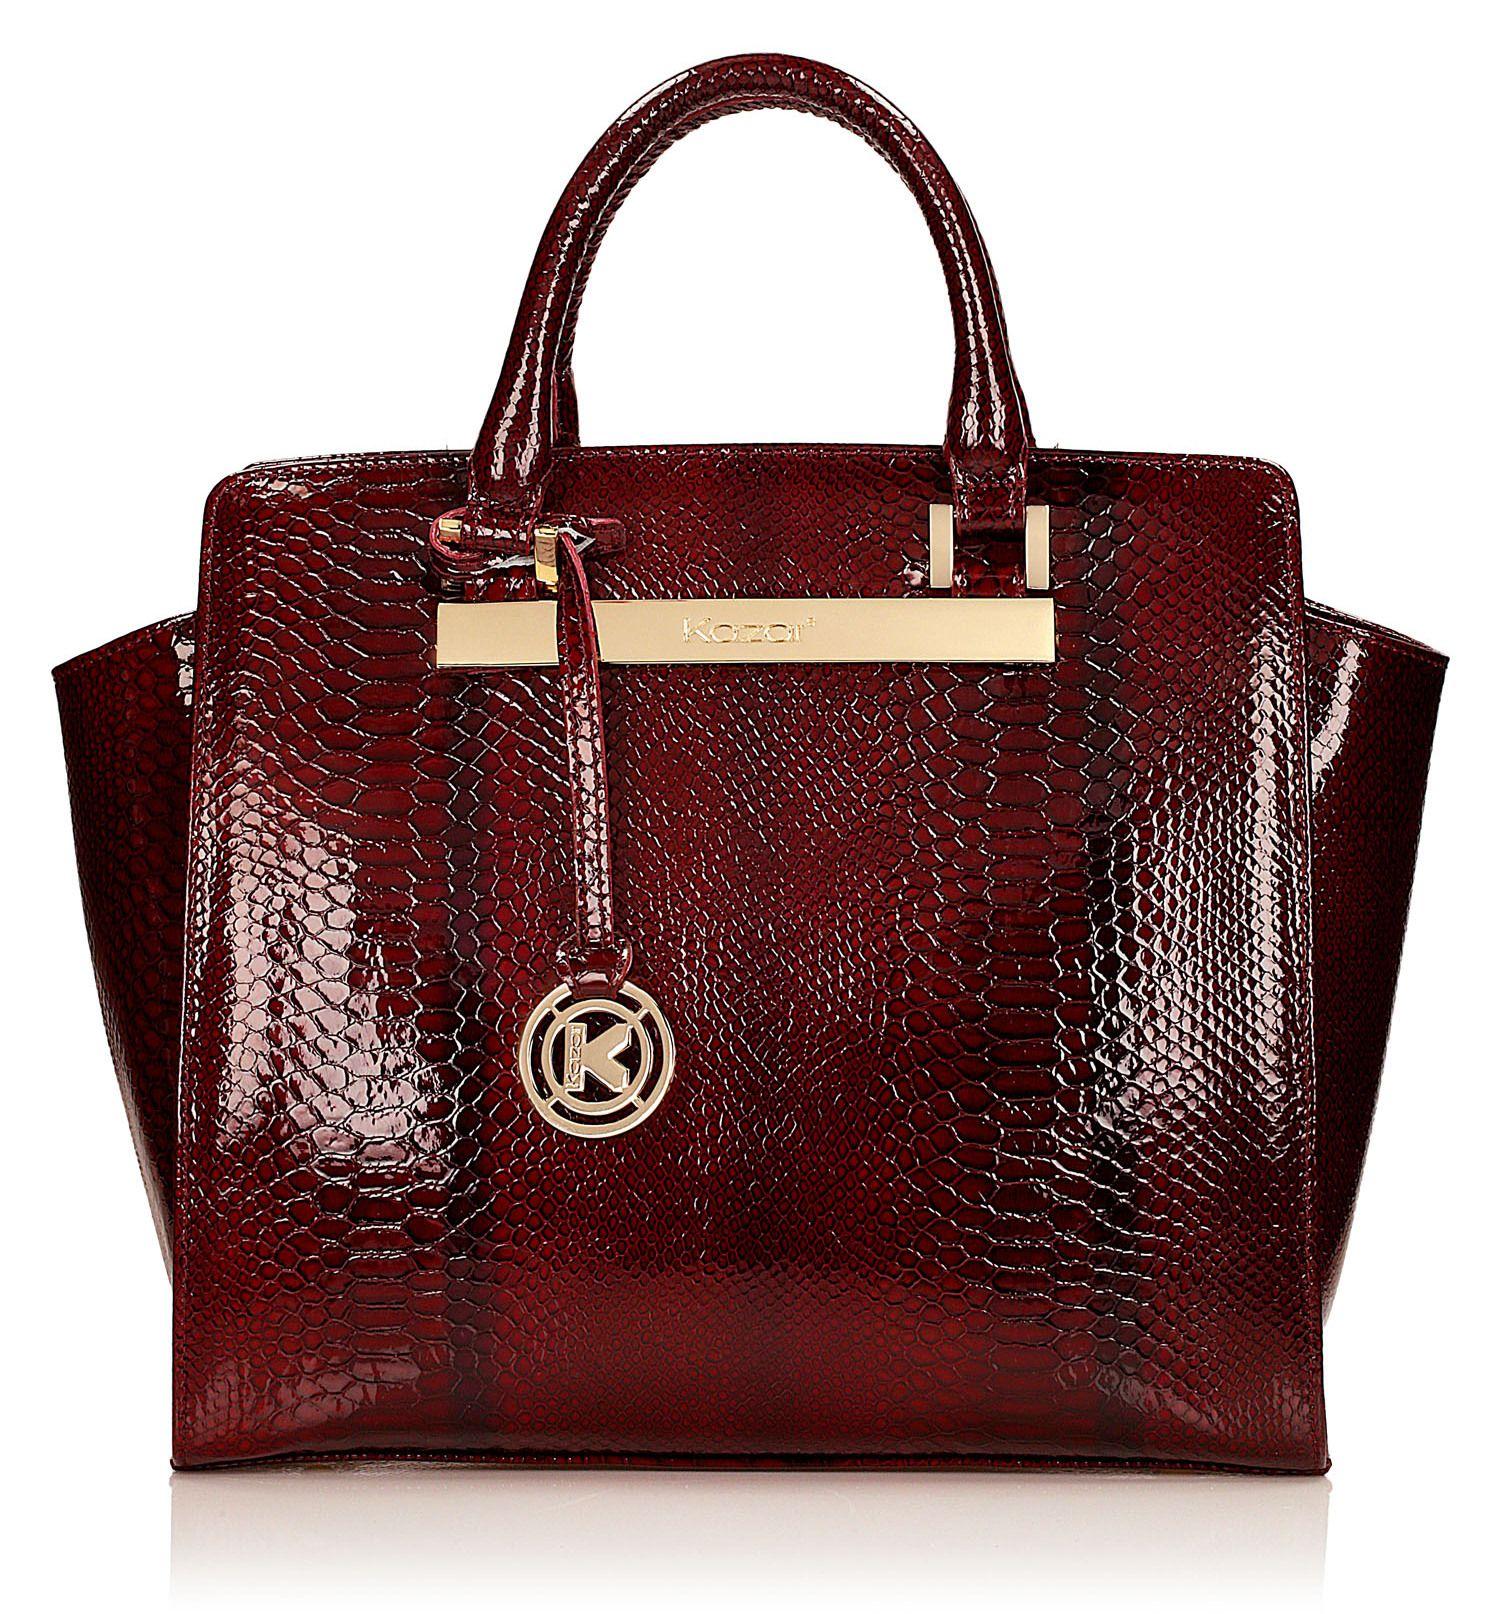 679deac056055 Czerwona torebka damska wykonana z wysokiej jakości lakierowanej skóry  tłoczonej , o niezwykle wyrafinowanej stylistyce.